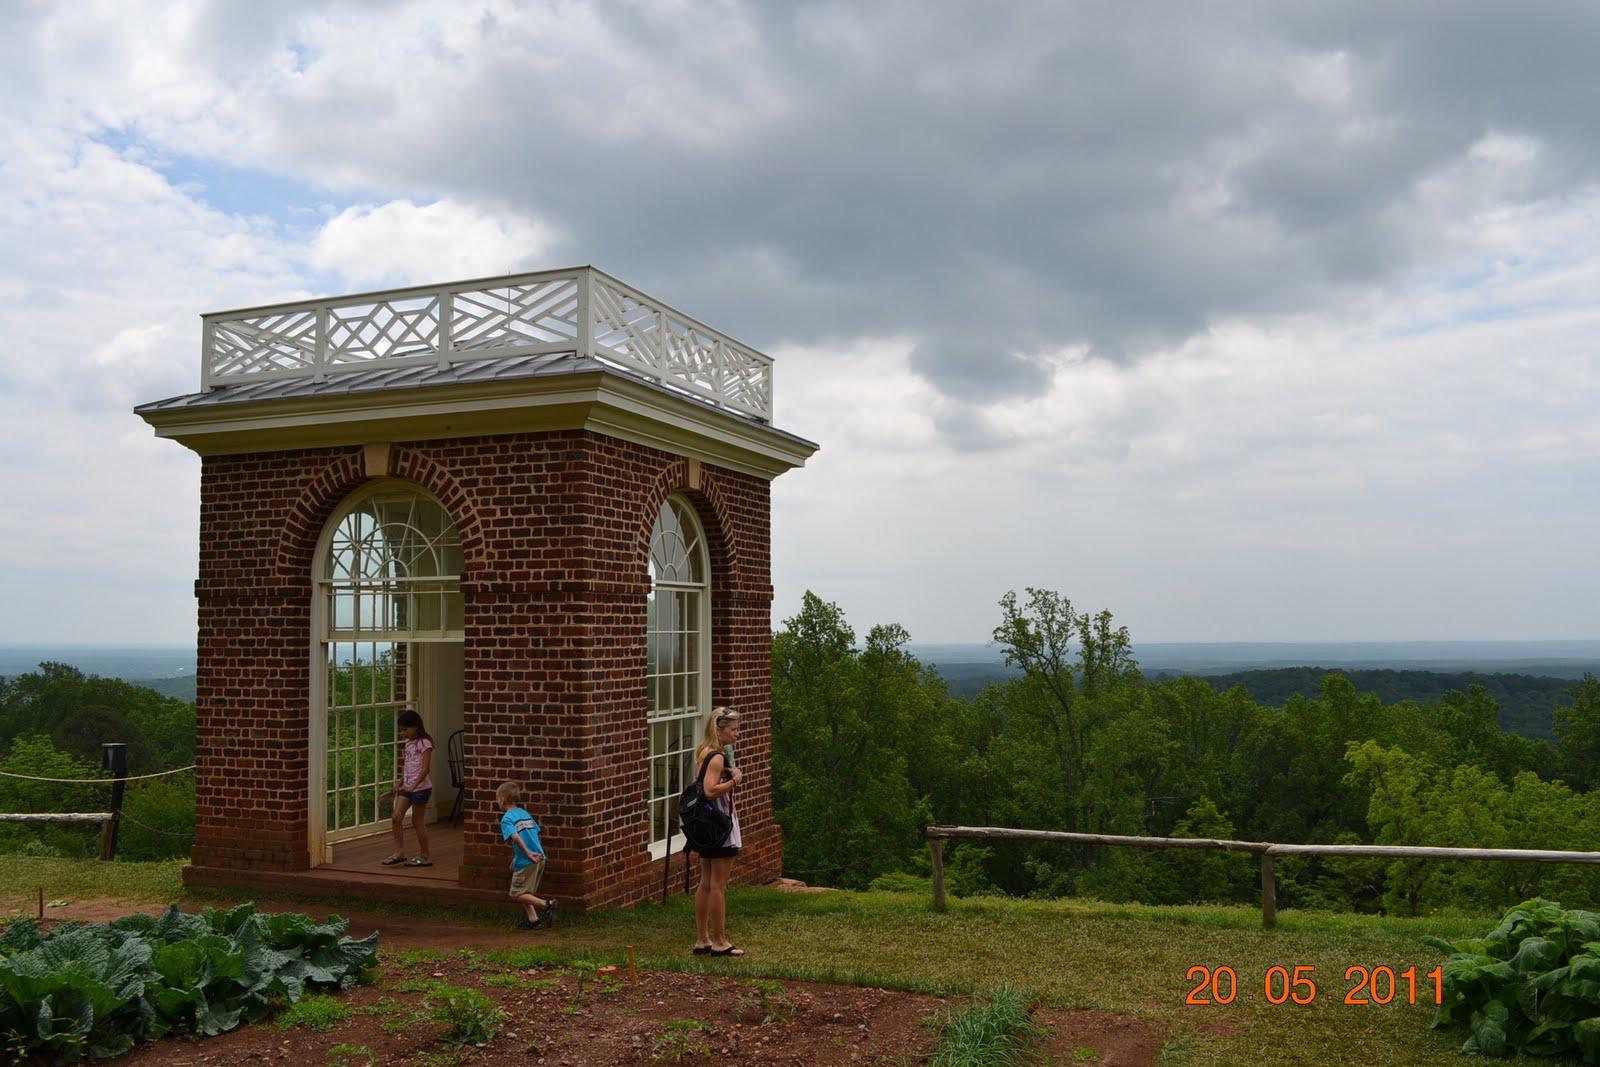 Thecobbfamilyjourney Monticello